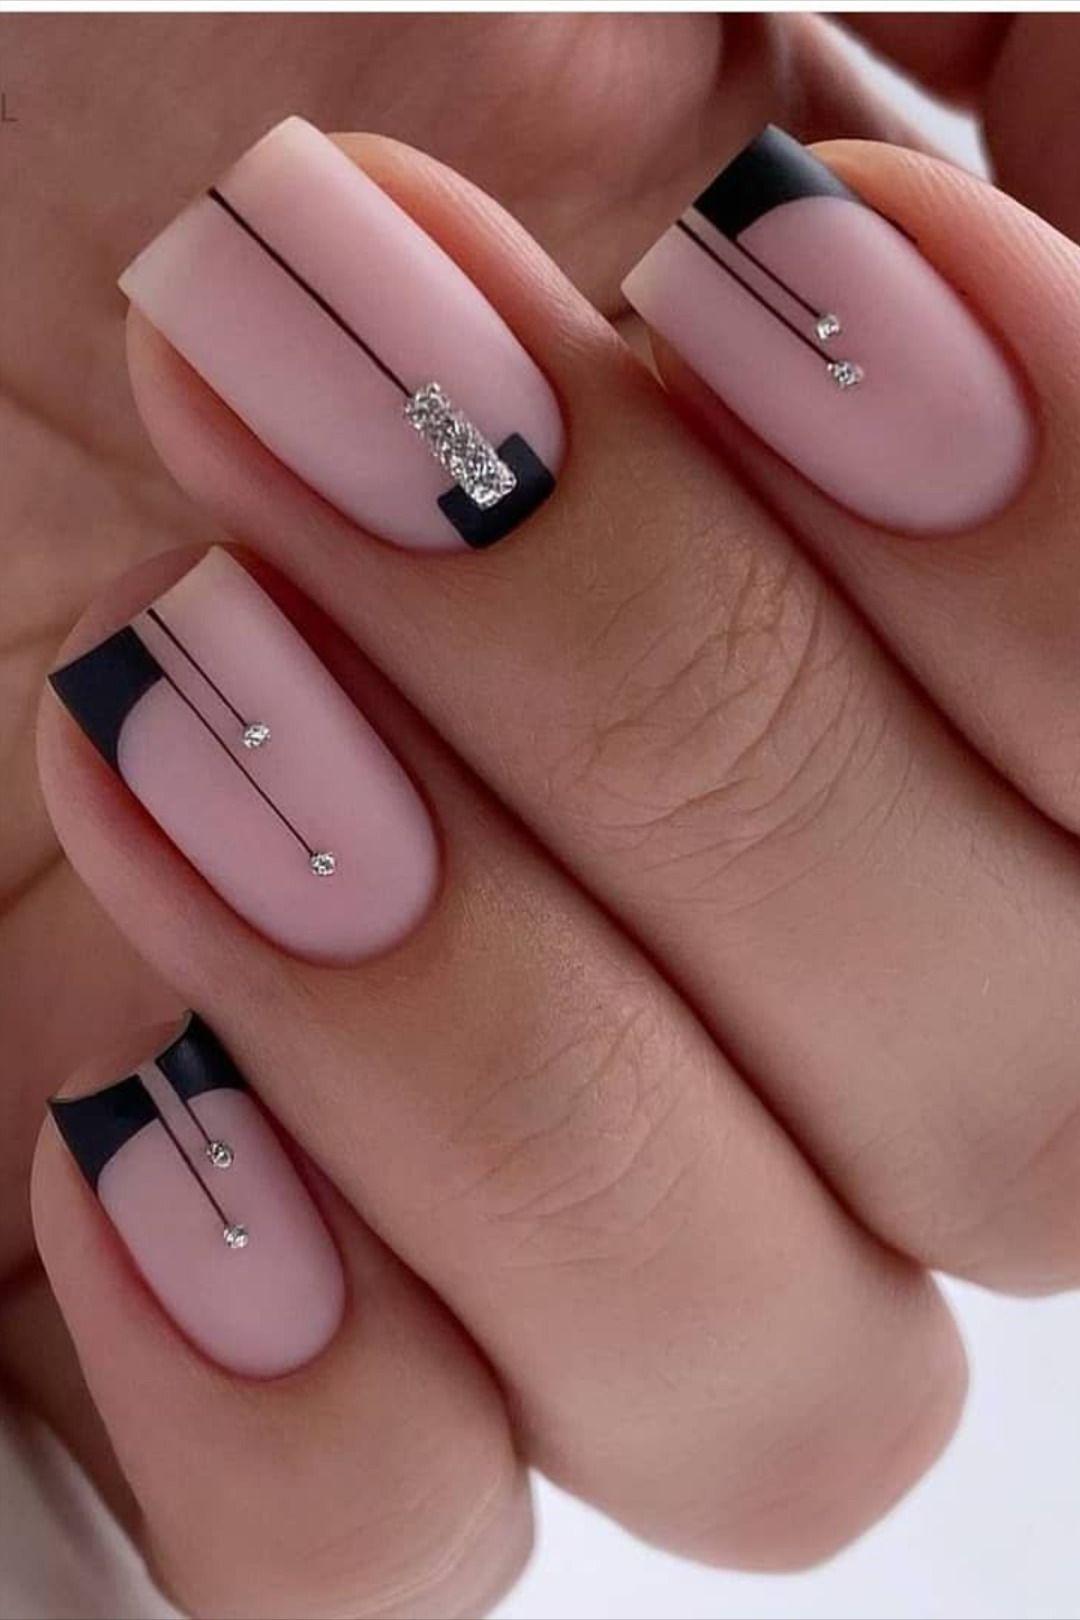 Amazon.com: nail polish organizer